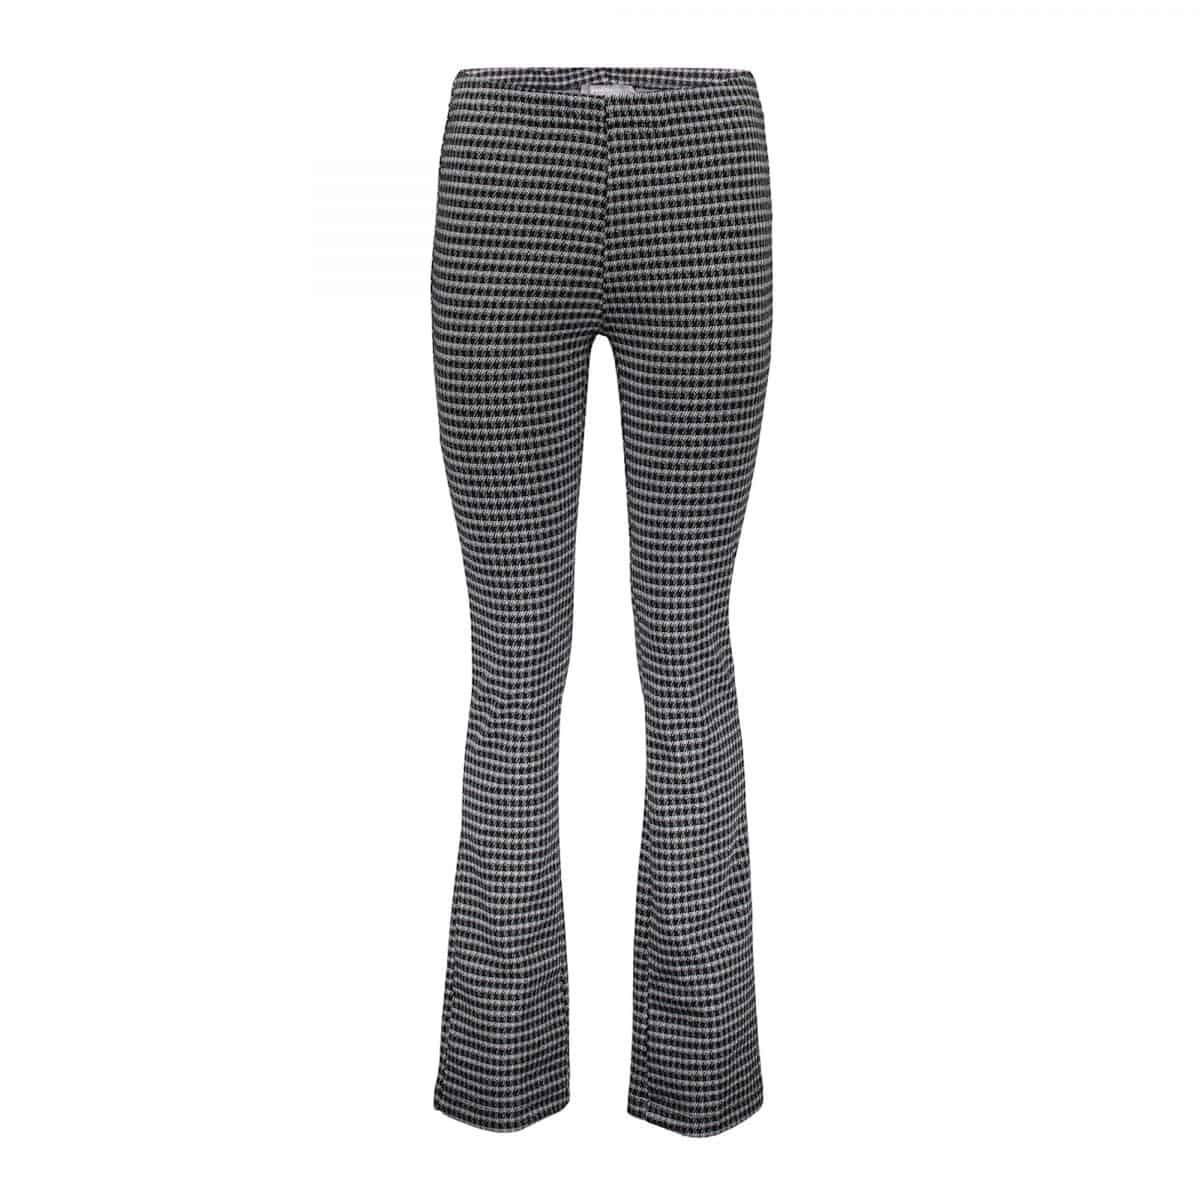 Geisha Pants Check Flair Black/Grey